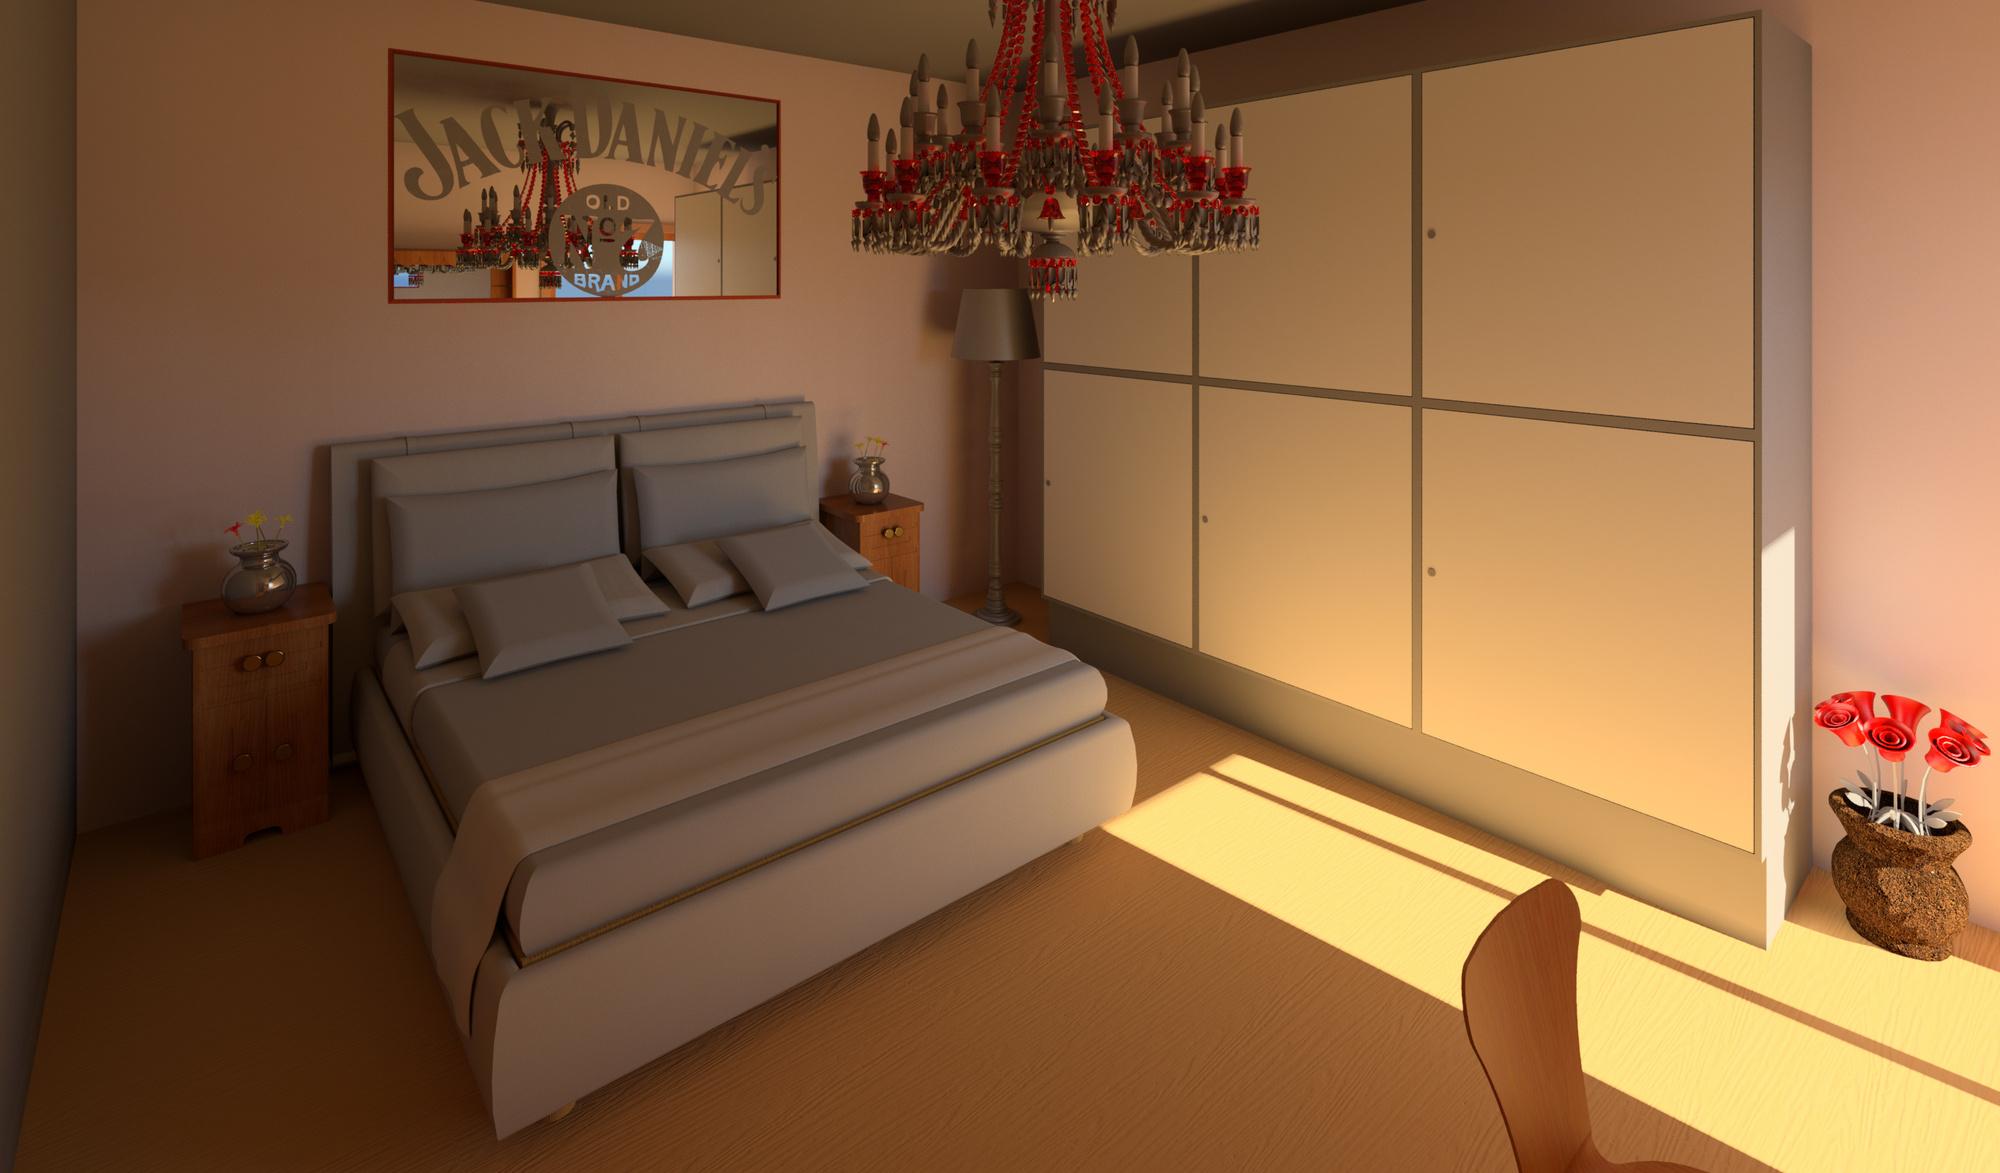 Raas-rendering20141225-13831-vjmsm3